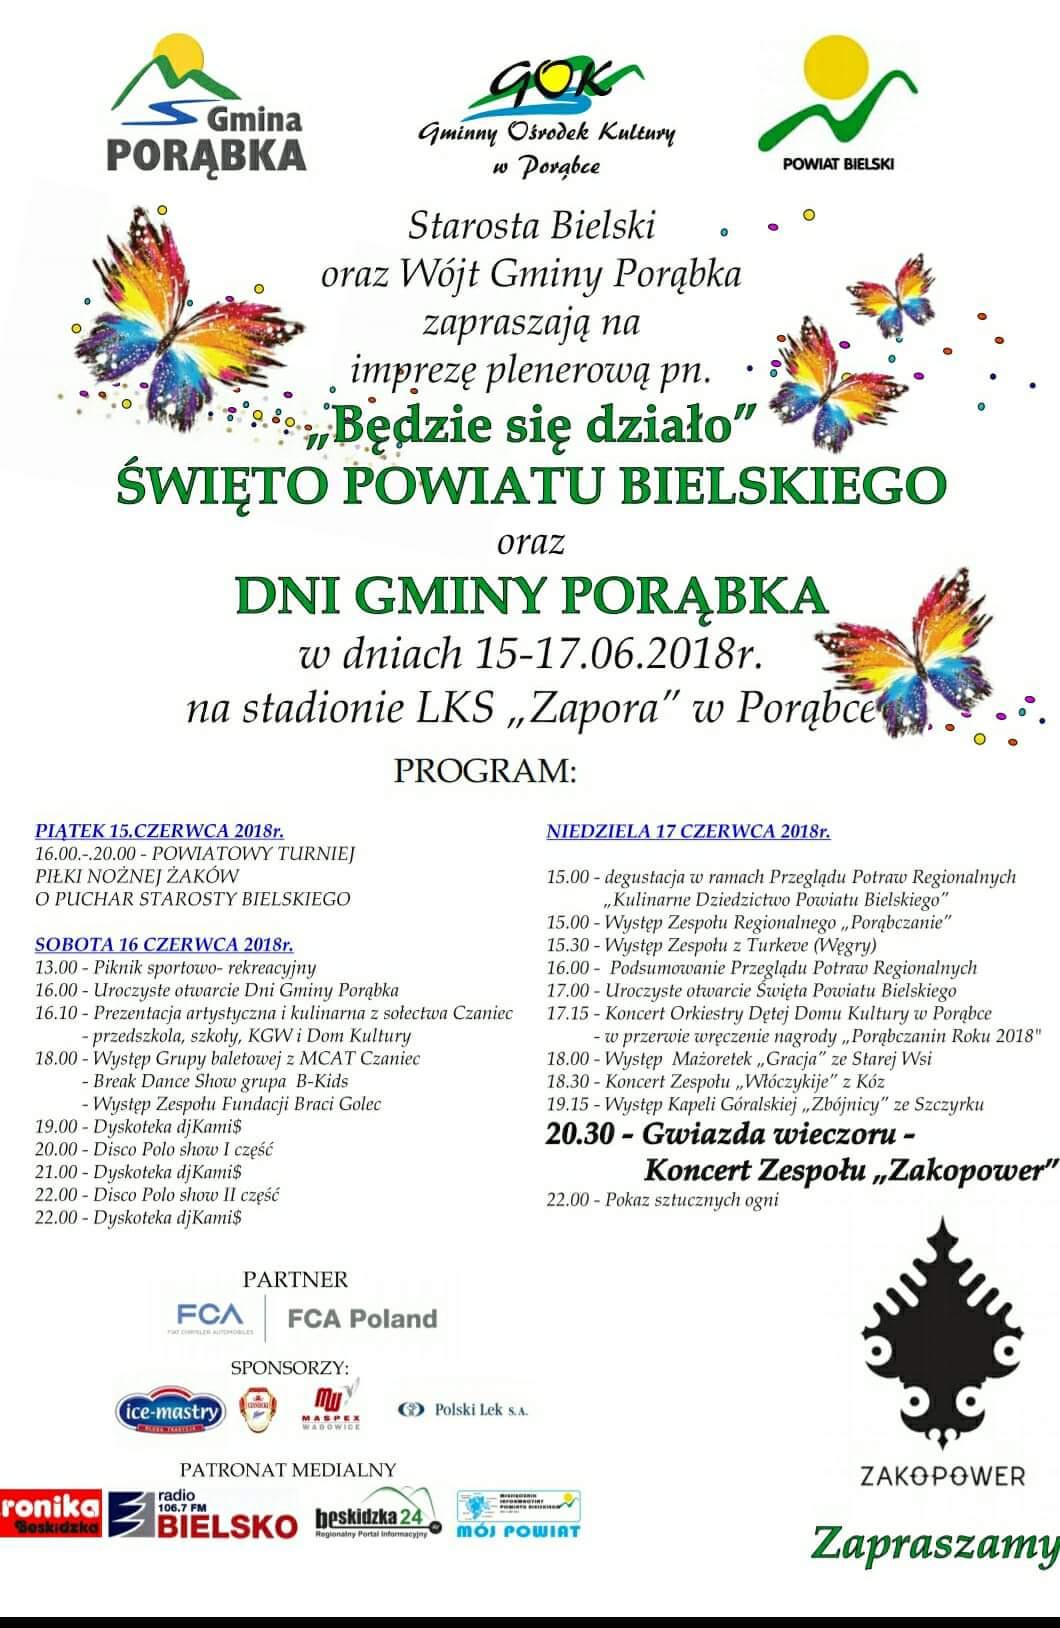 Święto Powiatu Bielskiego Oraz Dni Gminy Porąbka